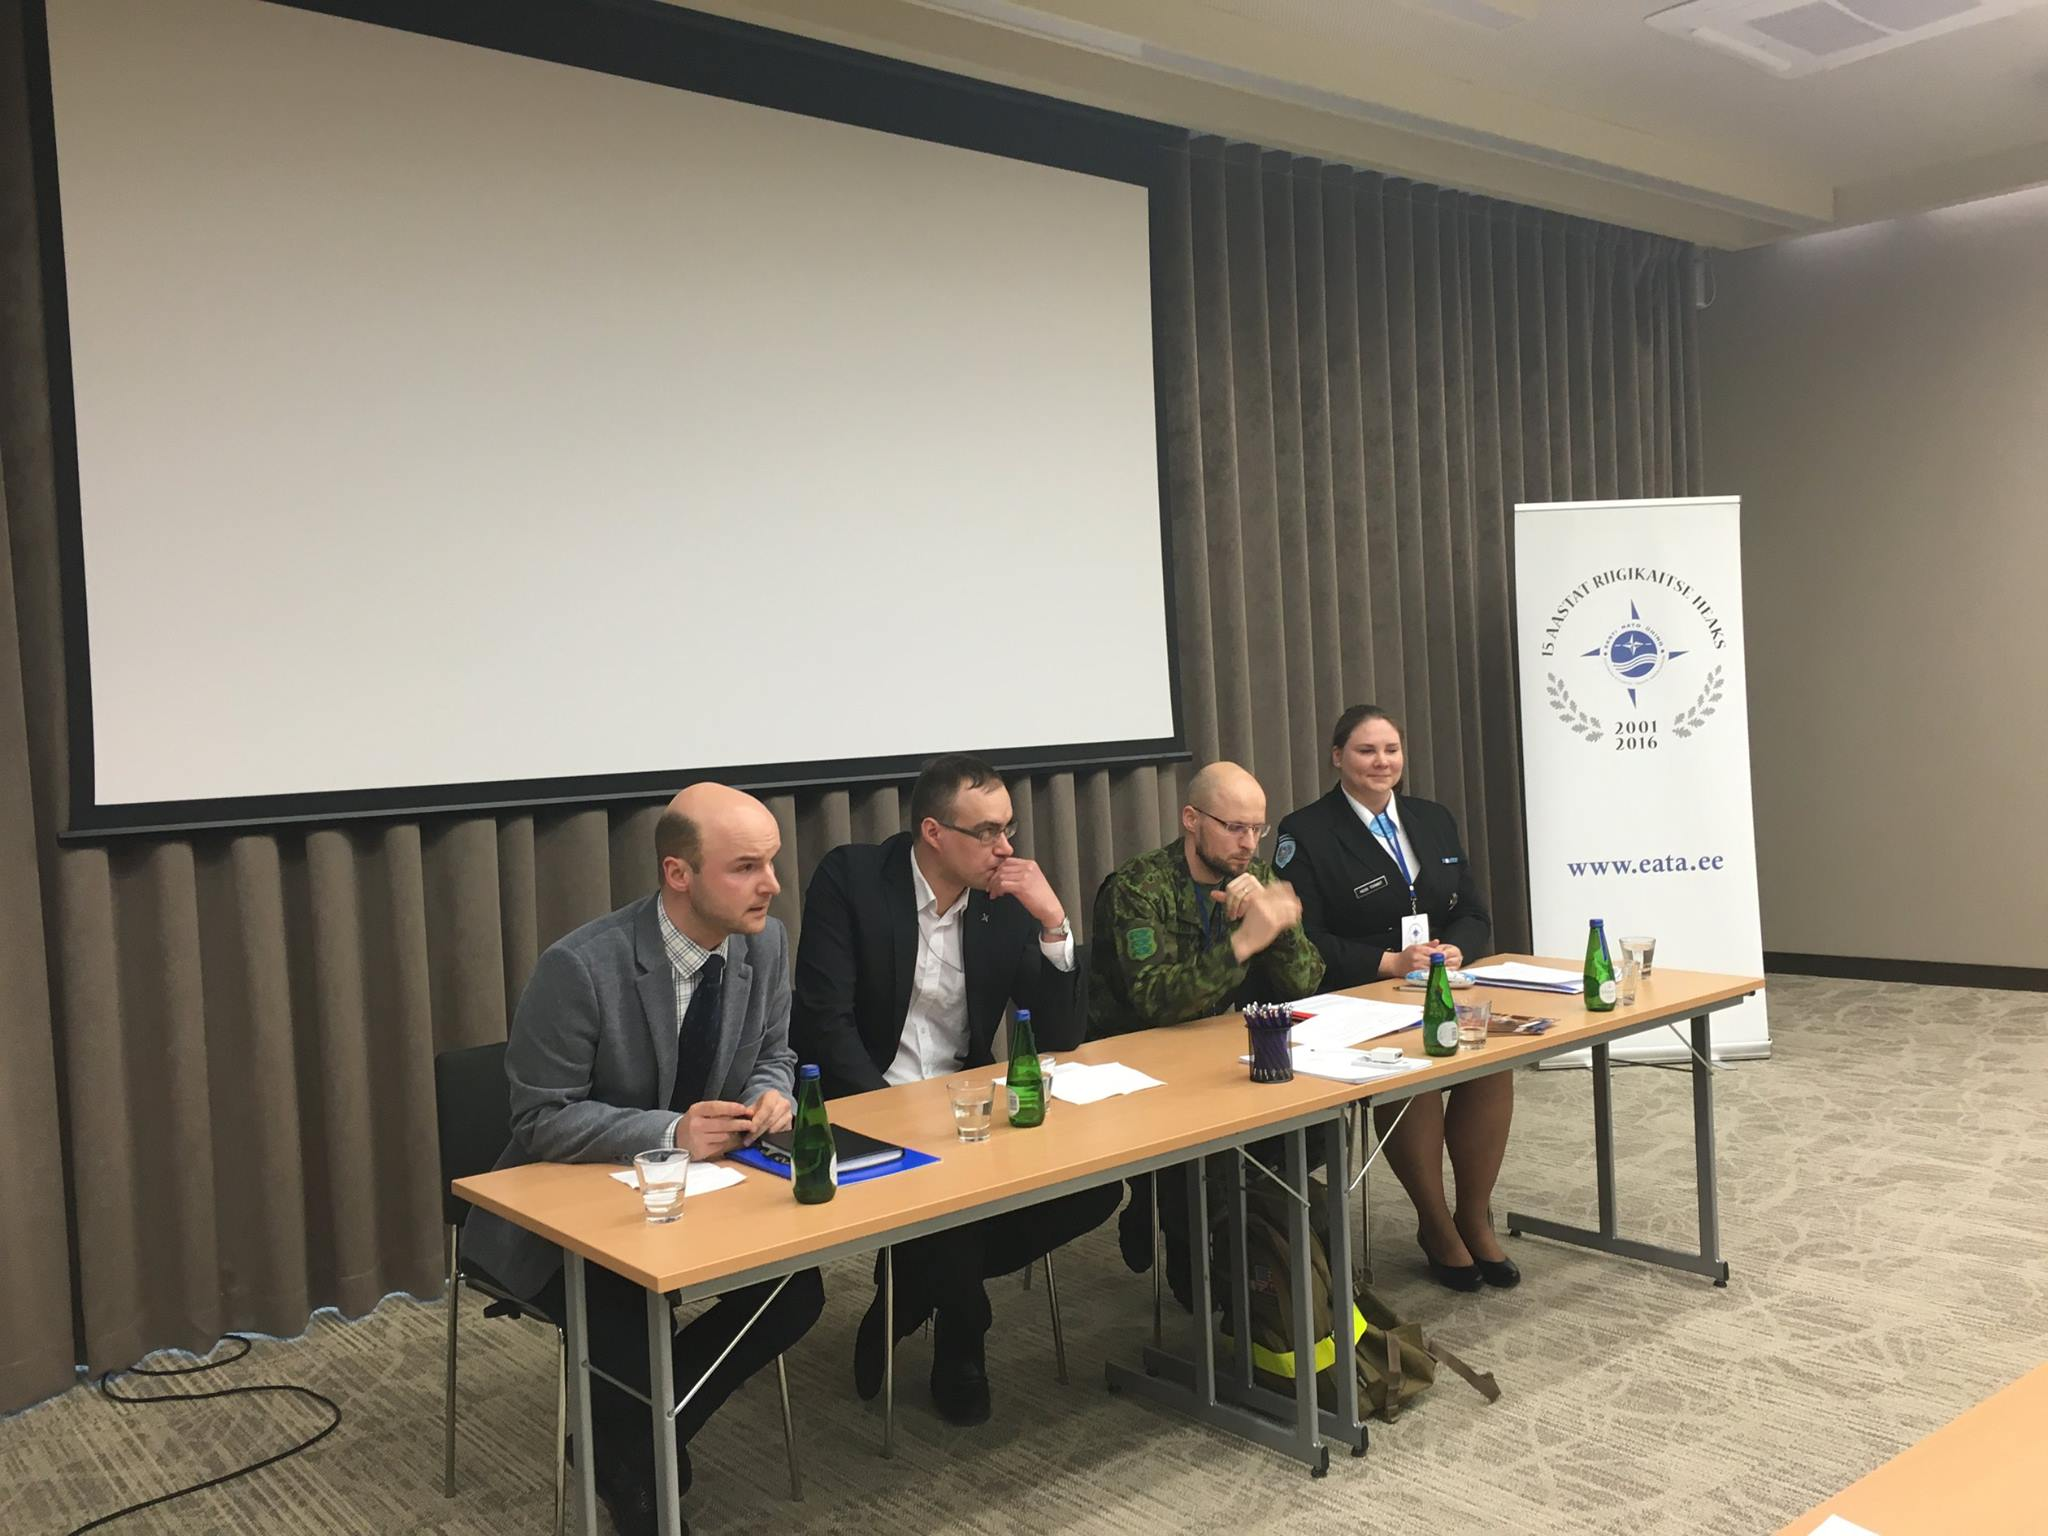 Image for Член правления МЦОБ модерировал дискуссию на тему НАТО